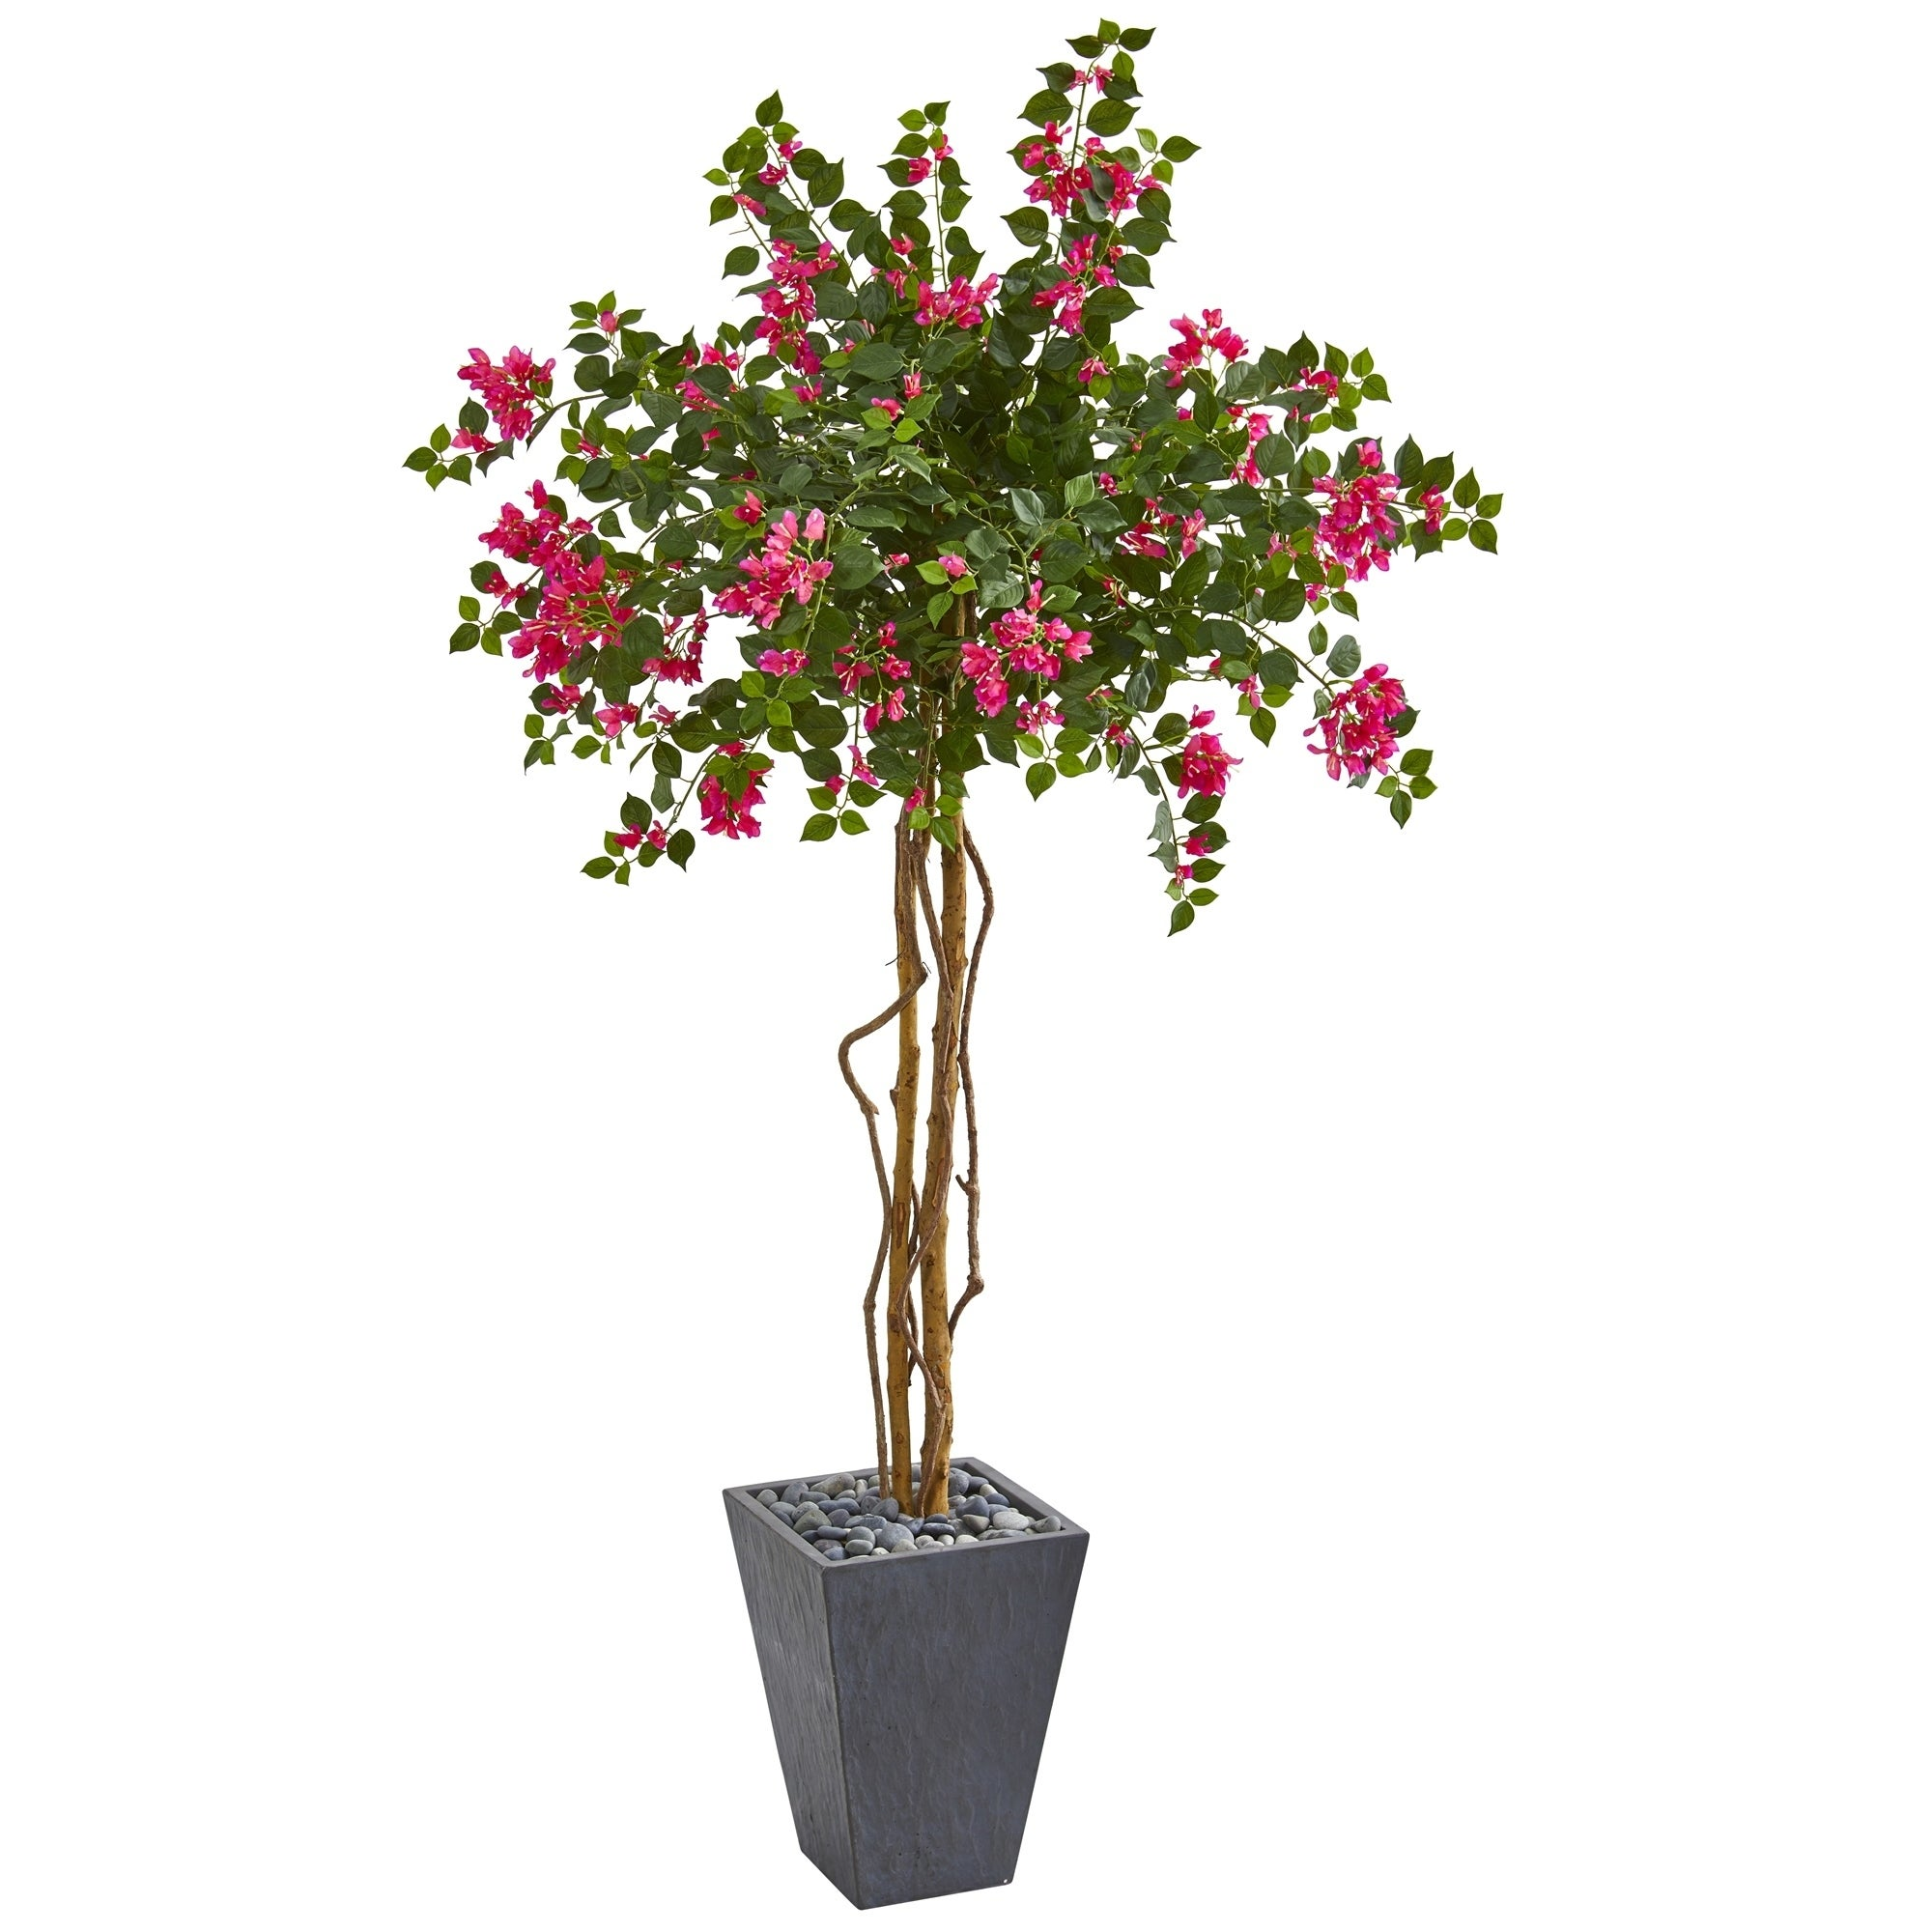 6.5 Bougainvillea Artificial Tree in Decorative Planter